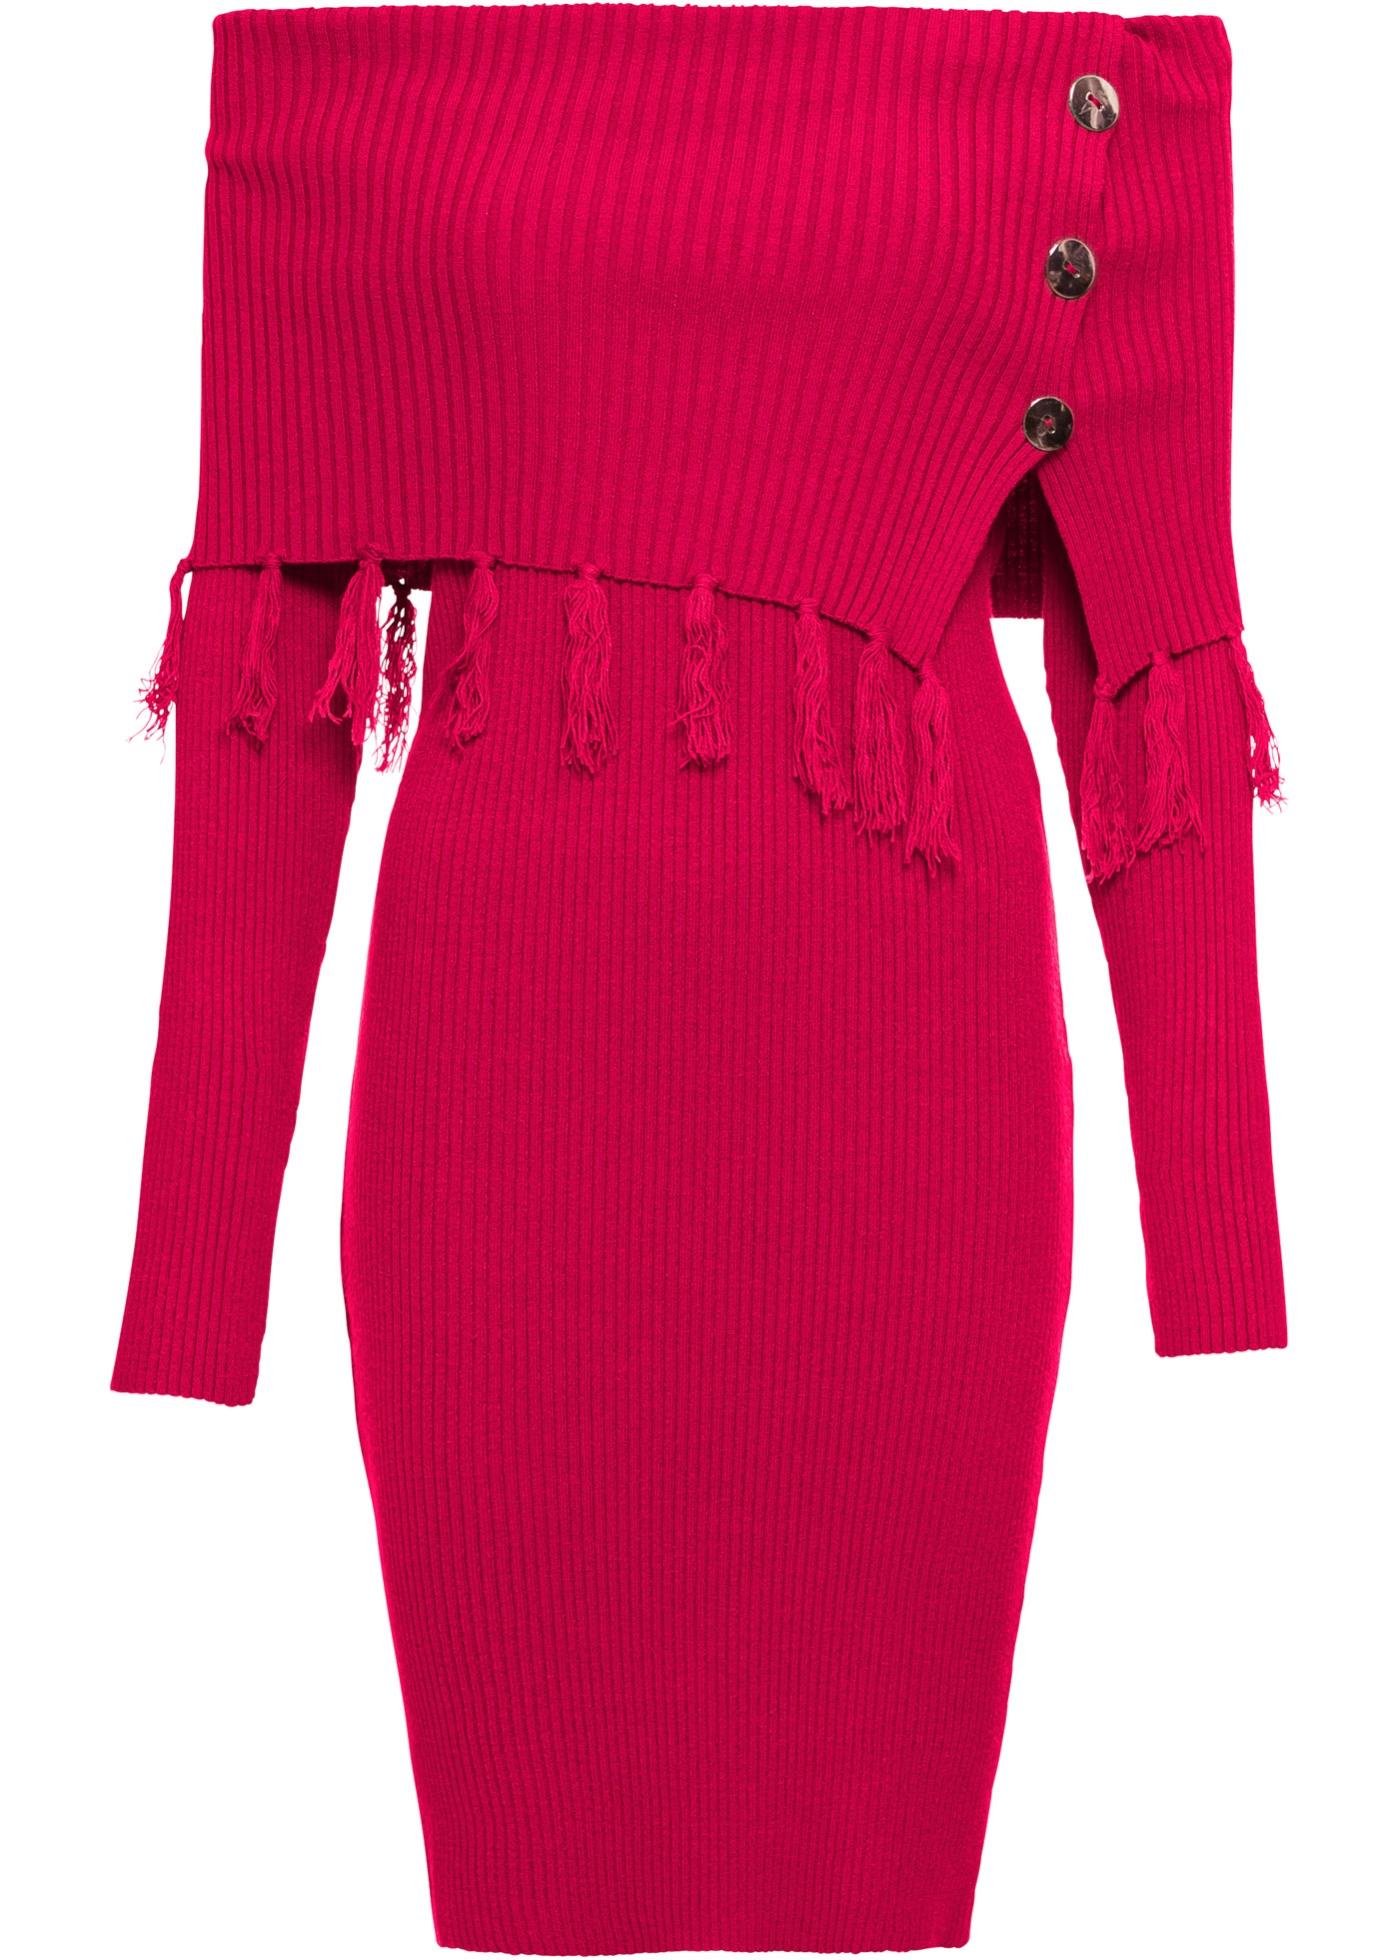 Pour Manches À Rouge Bodyflirt BonprixRobe D'été Femme Encolure Maille En Carmen Longues Boutique f7IbgyvY6